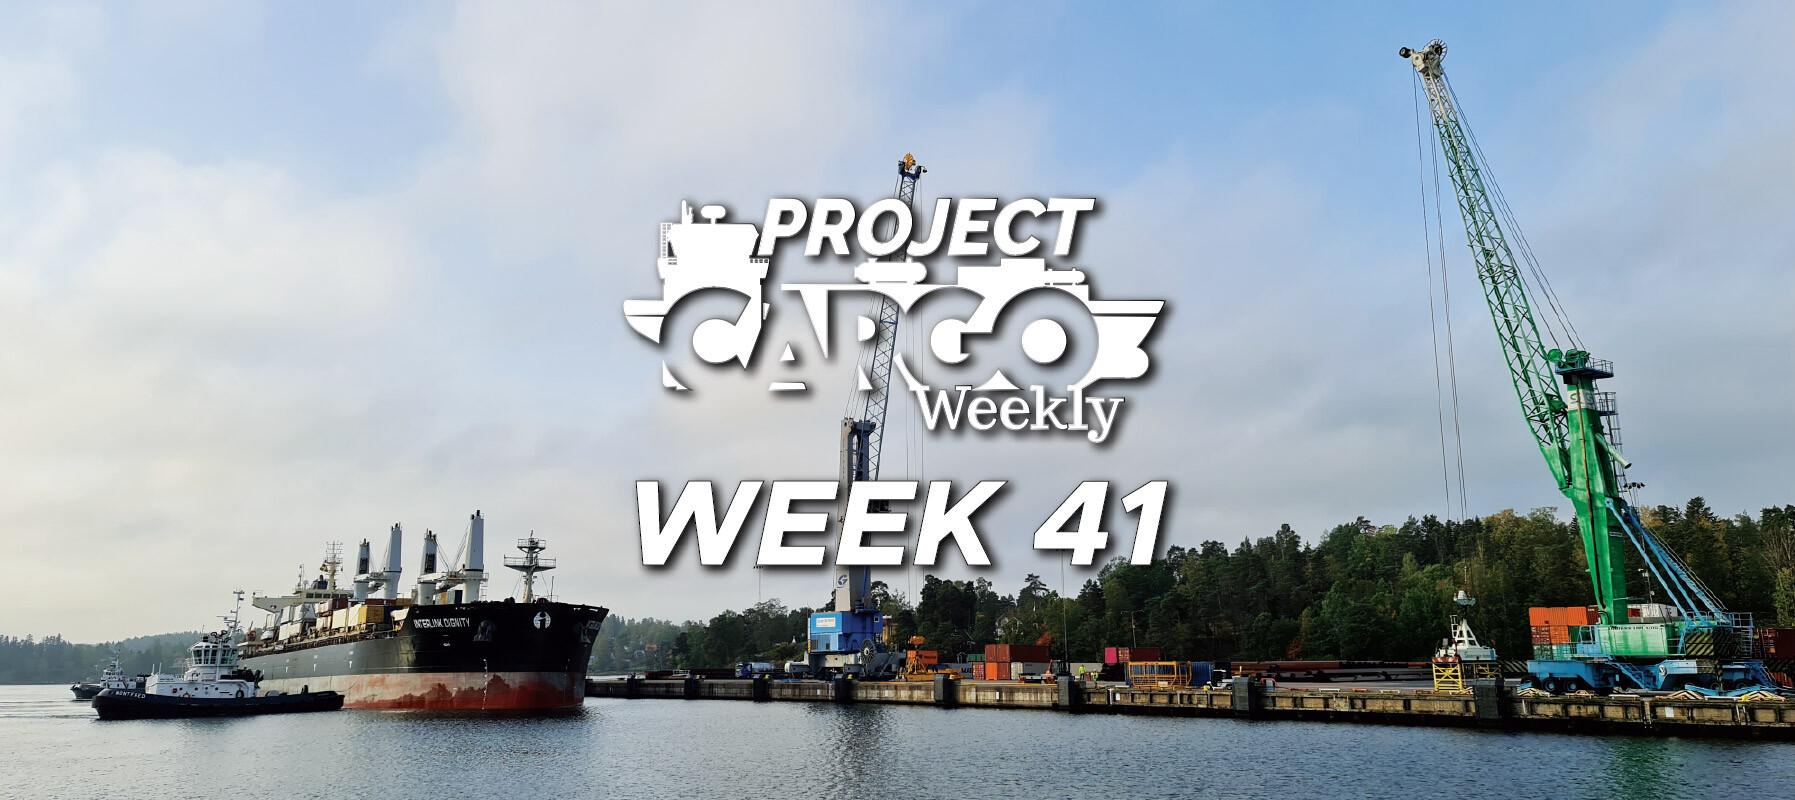 week41_header